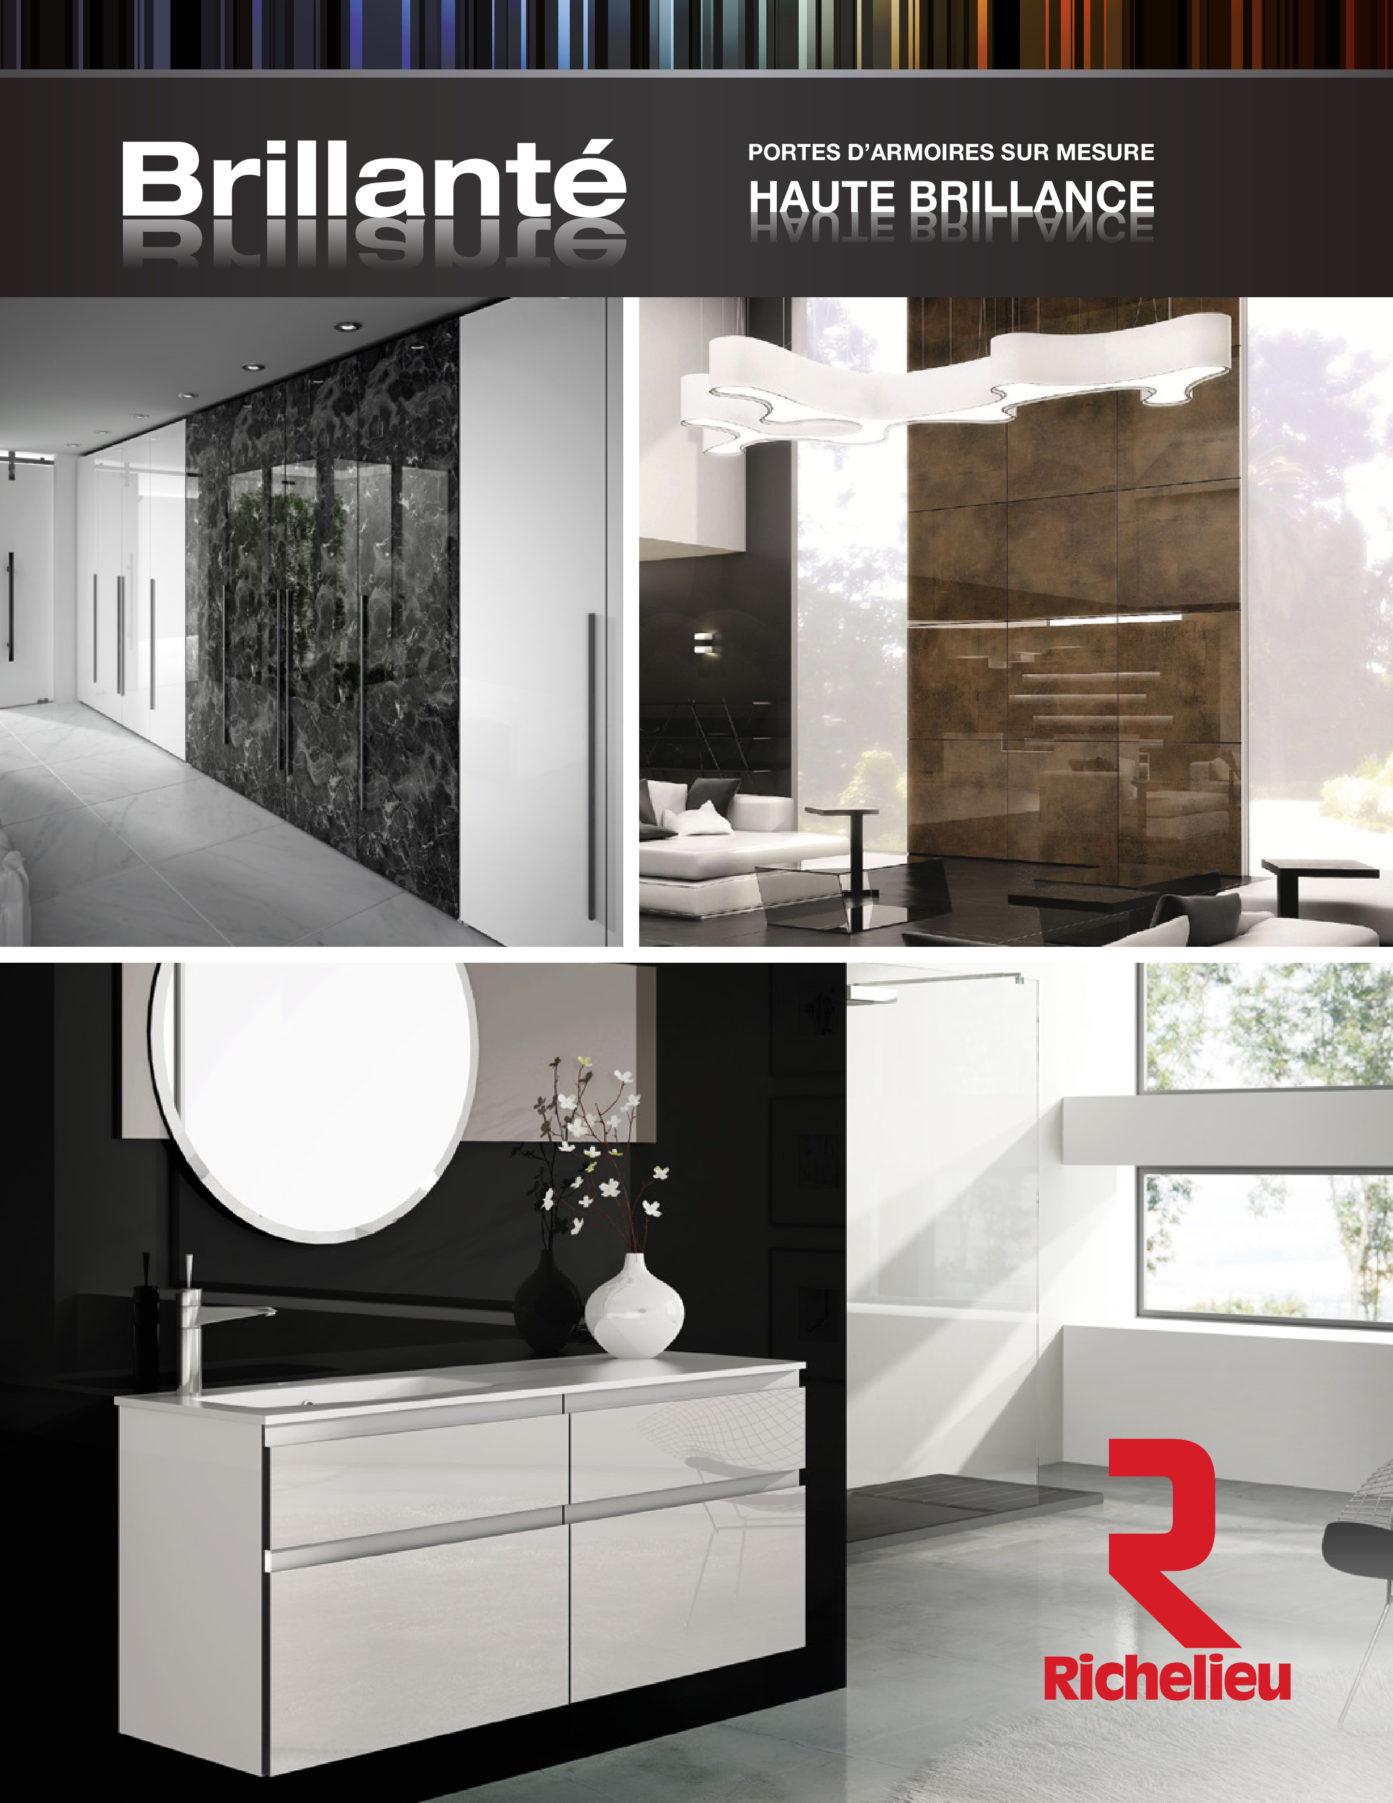 librairie des catalogues richelieu brillant portes d 39 armoires sur mesure page 1. Black Bedroom Furniture Sets. Home Design Ideas